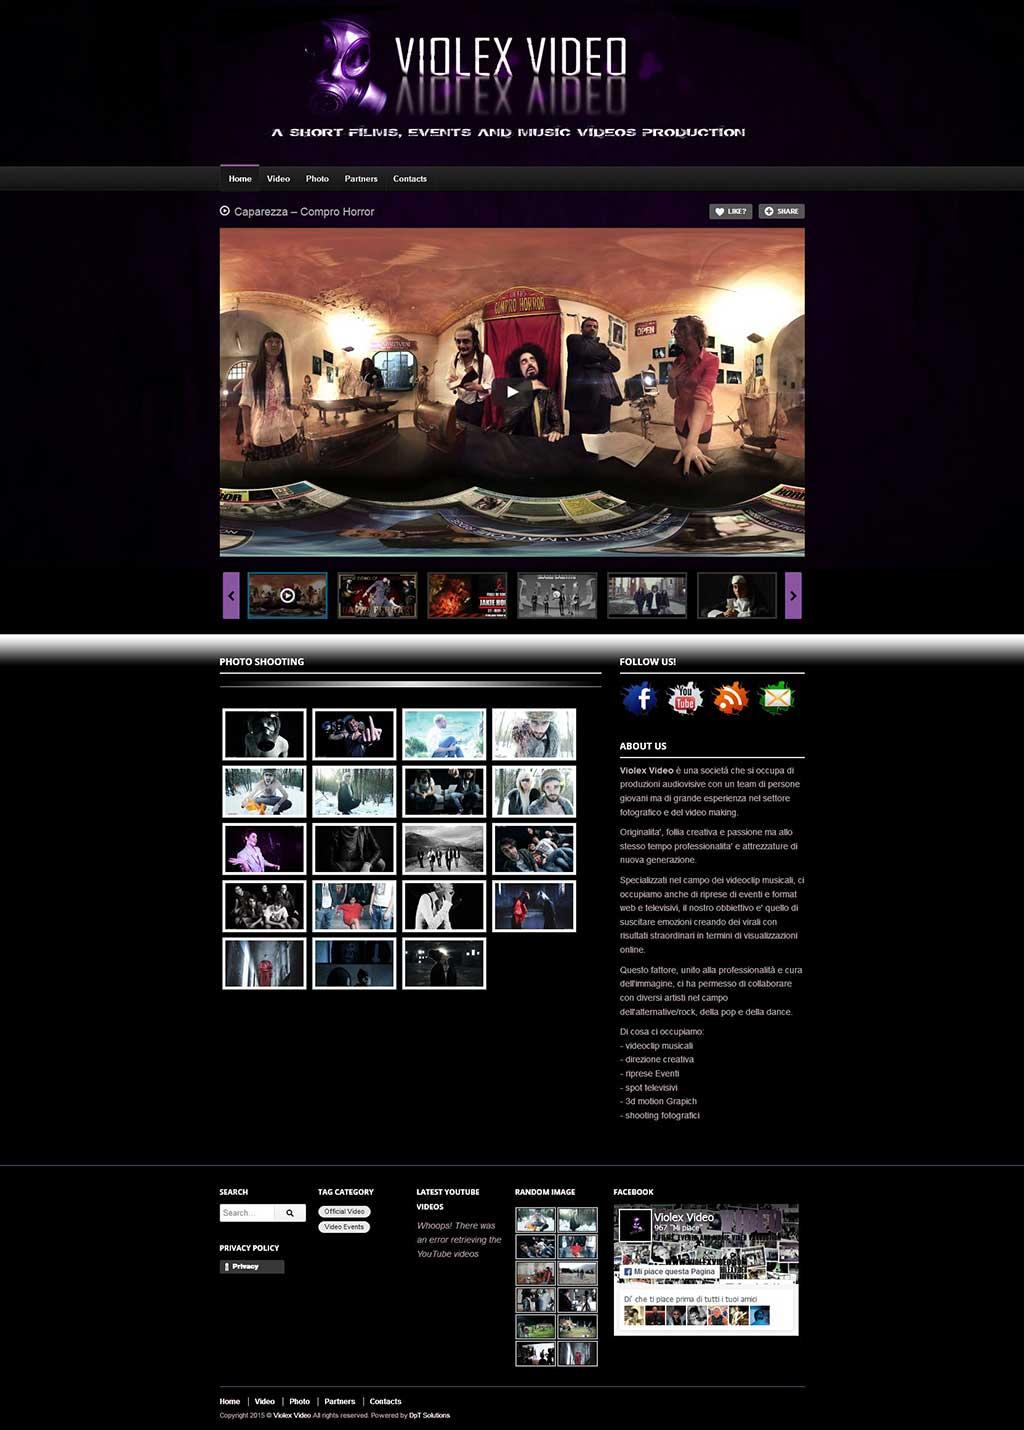 Violex Video sito web ufficiale